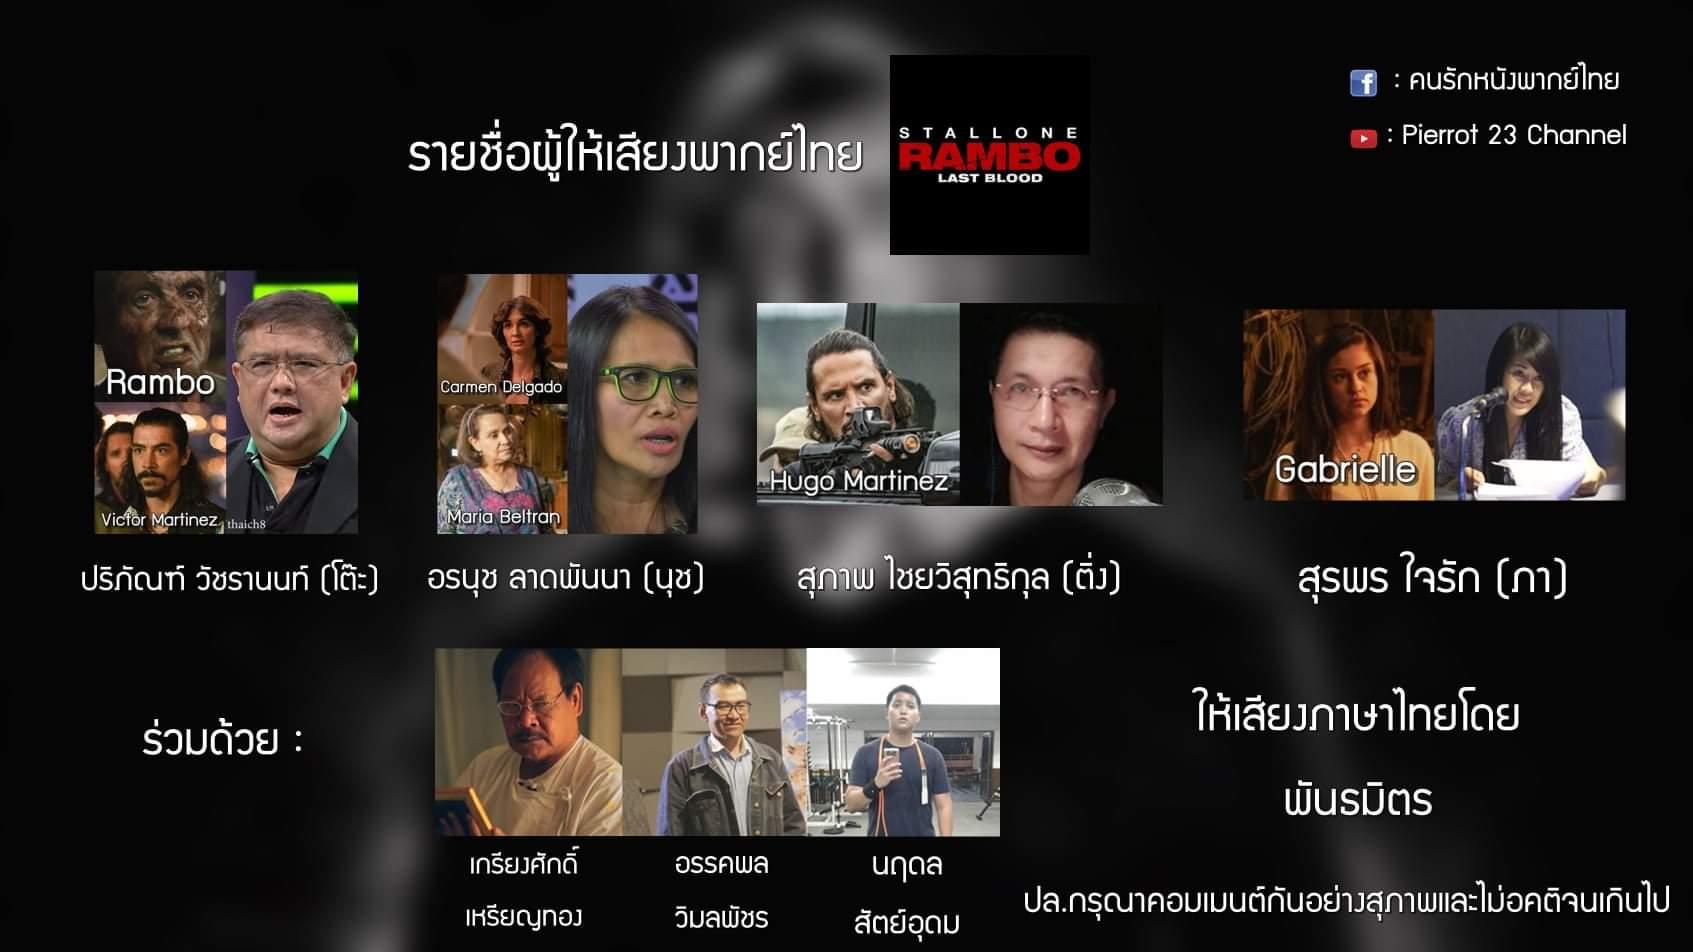 รายชื่อผู้ให้เสียงพากย์ไทย แรมโบ้.jpg